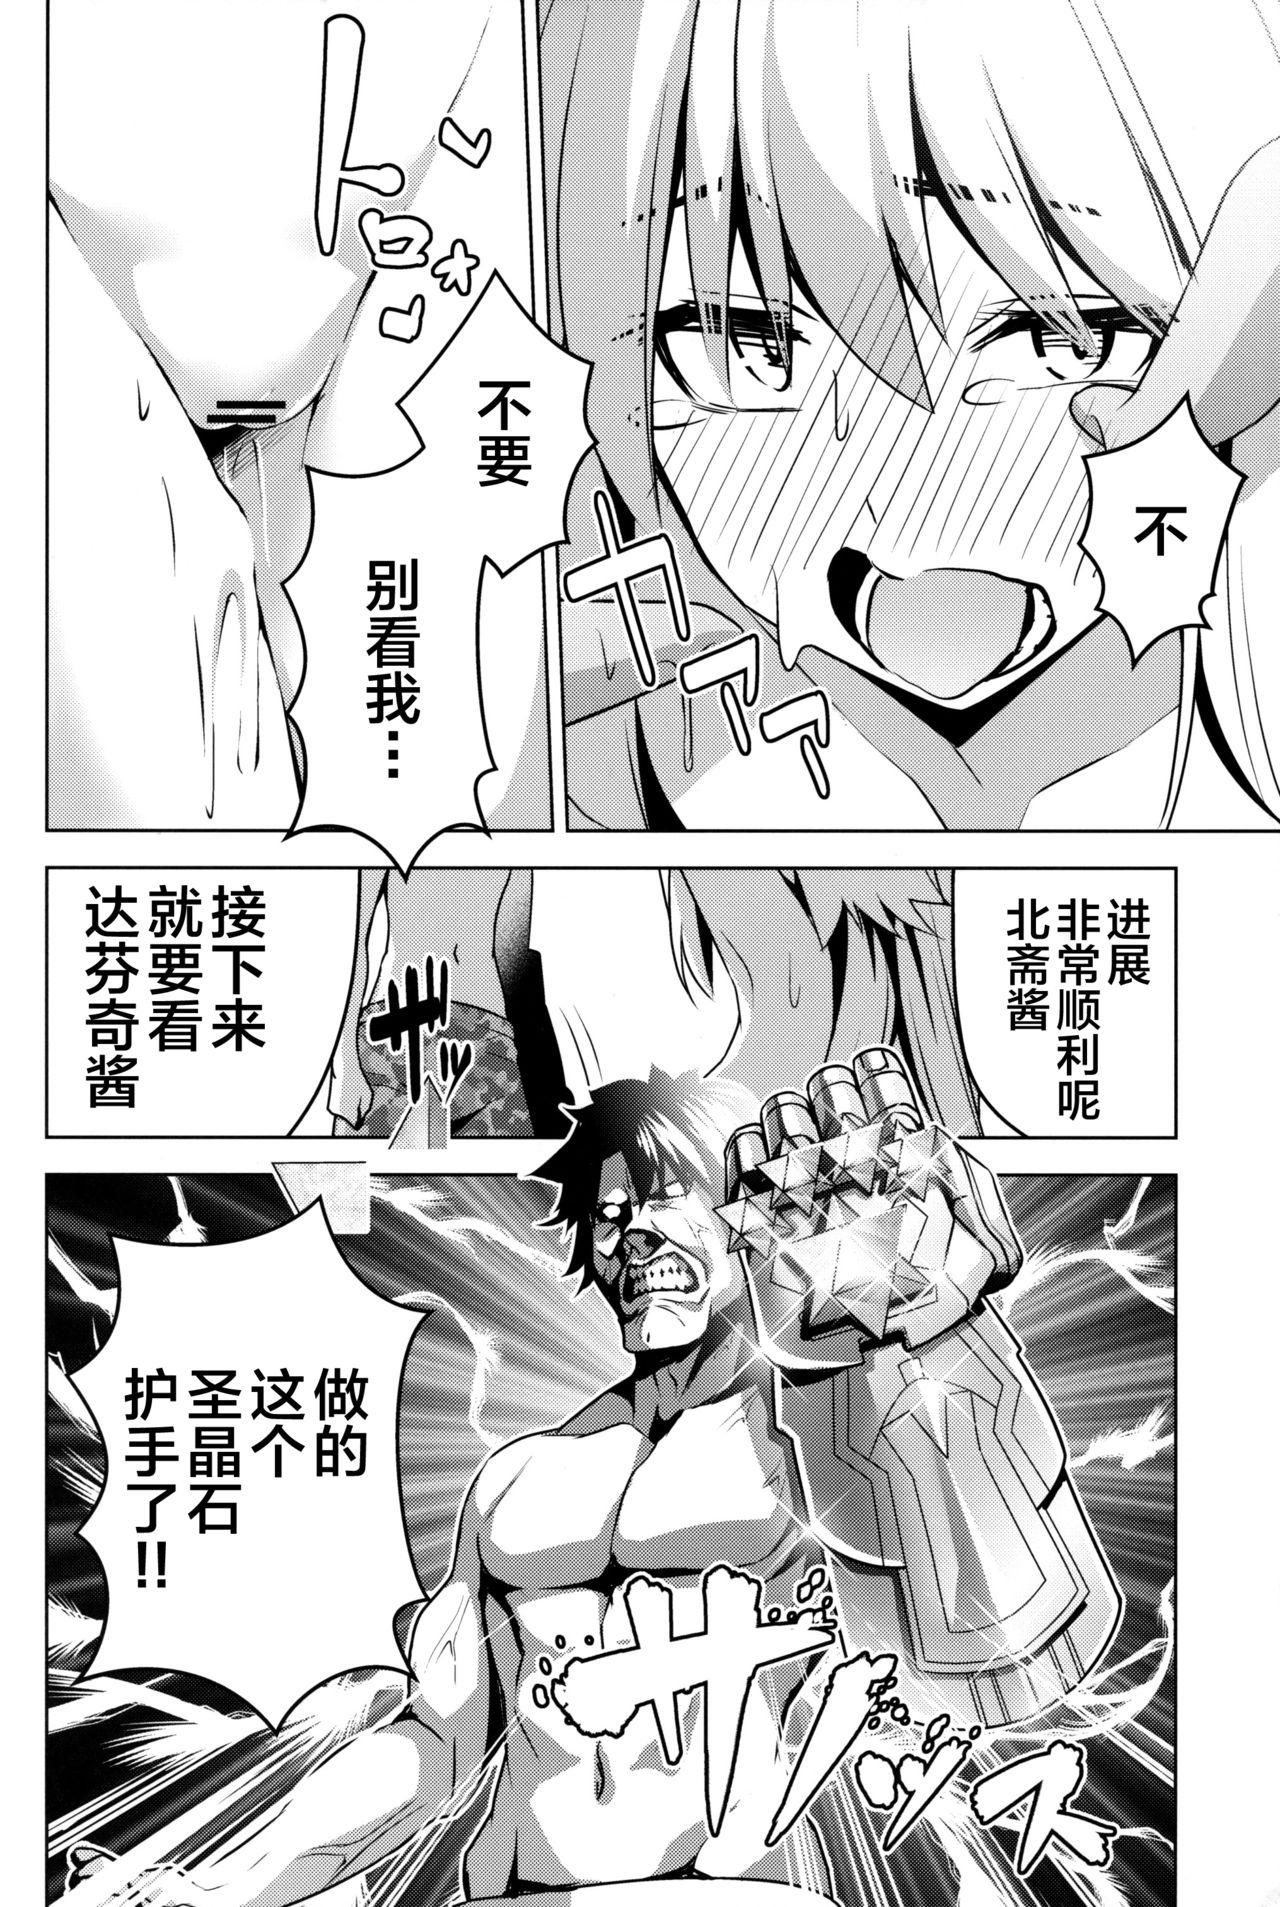 Jeanne ga Zenzen Denai kara 14